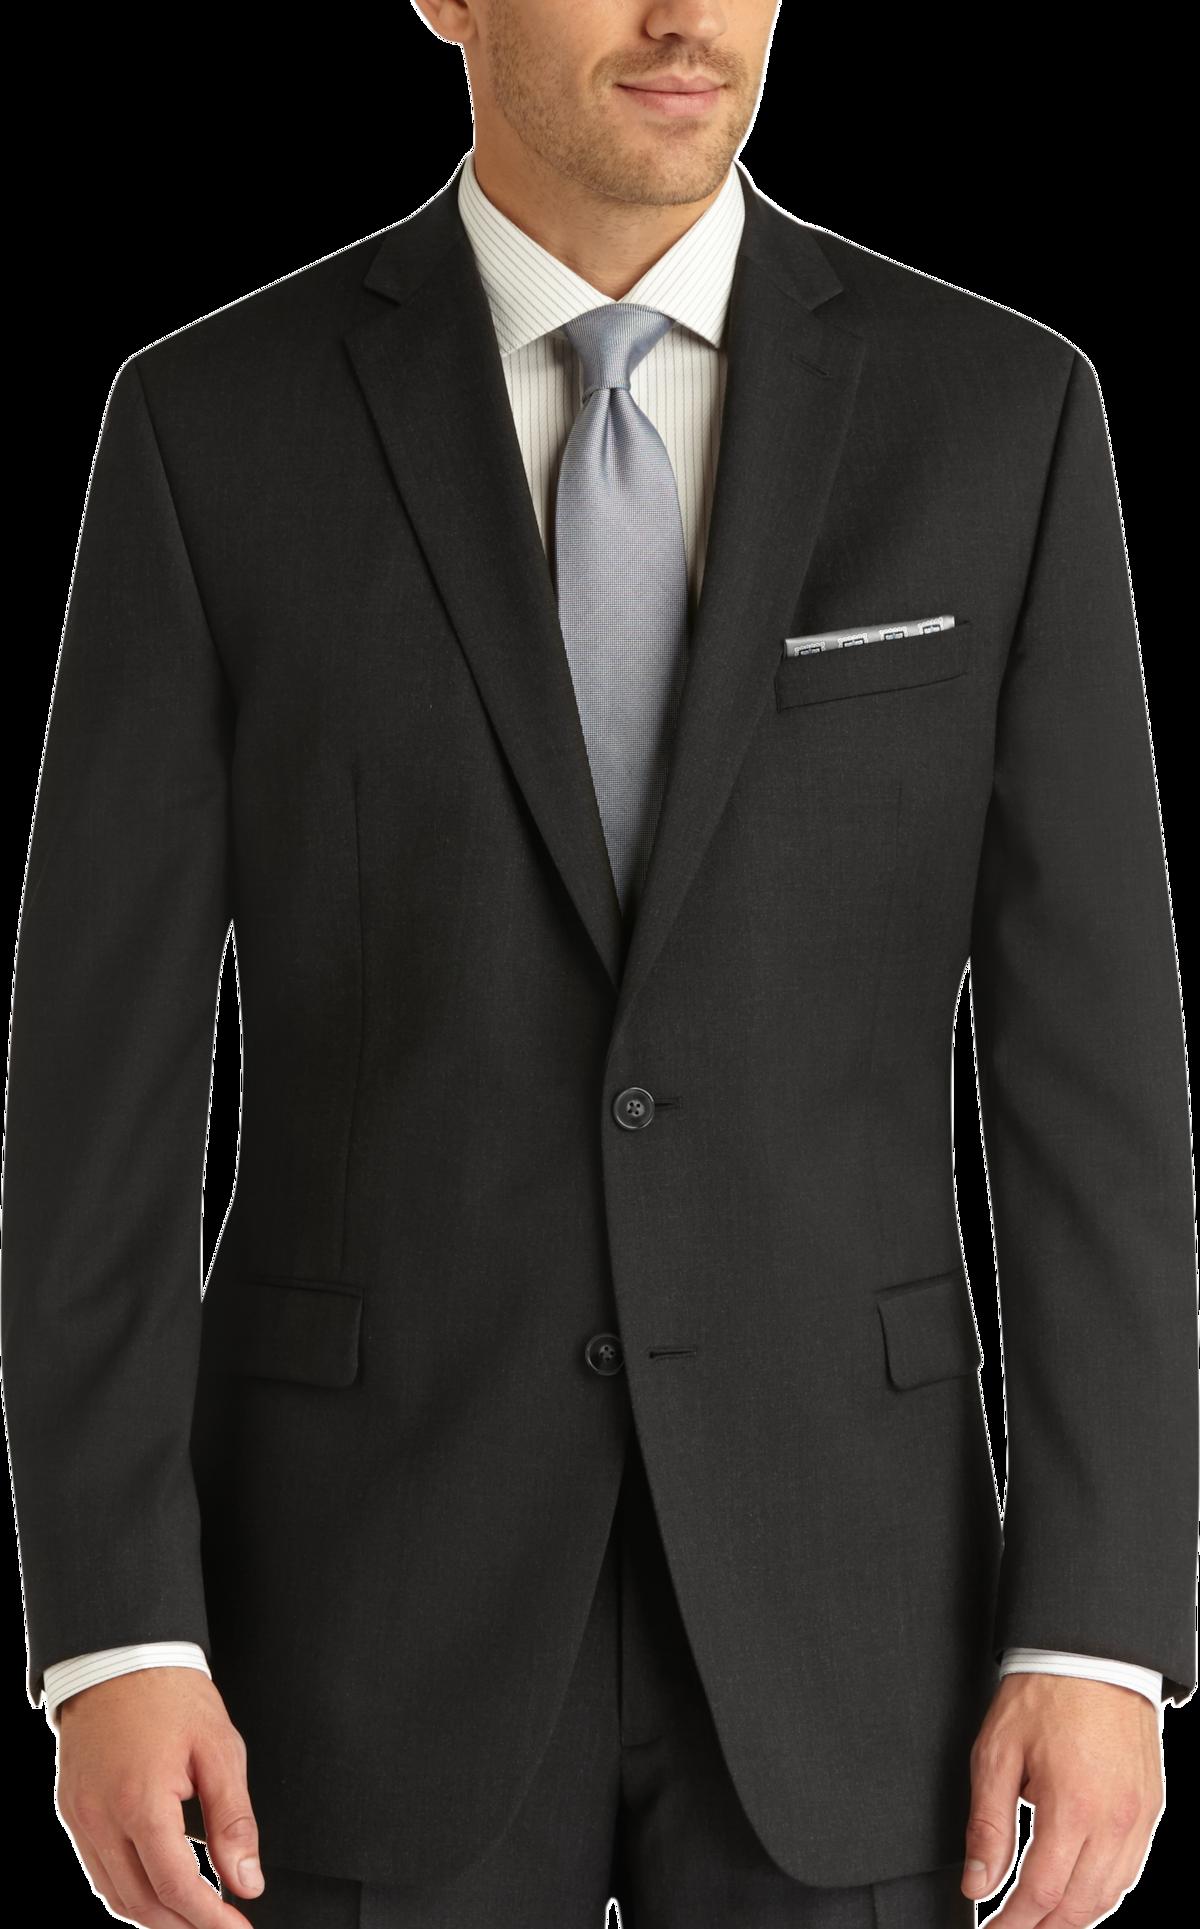 Charcoal Gray Slim Fit Suit - Men's Suits - Calvin Klein | Men's ...